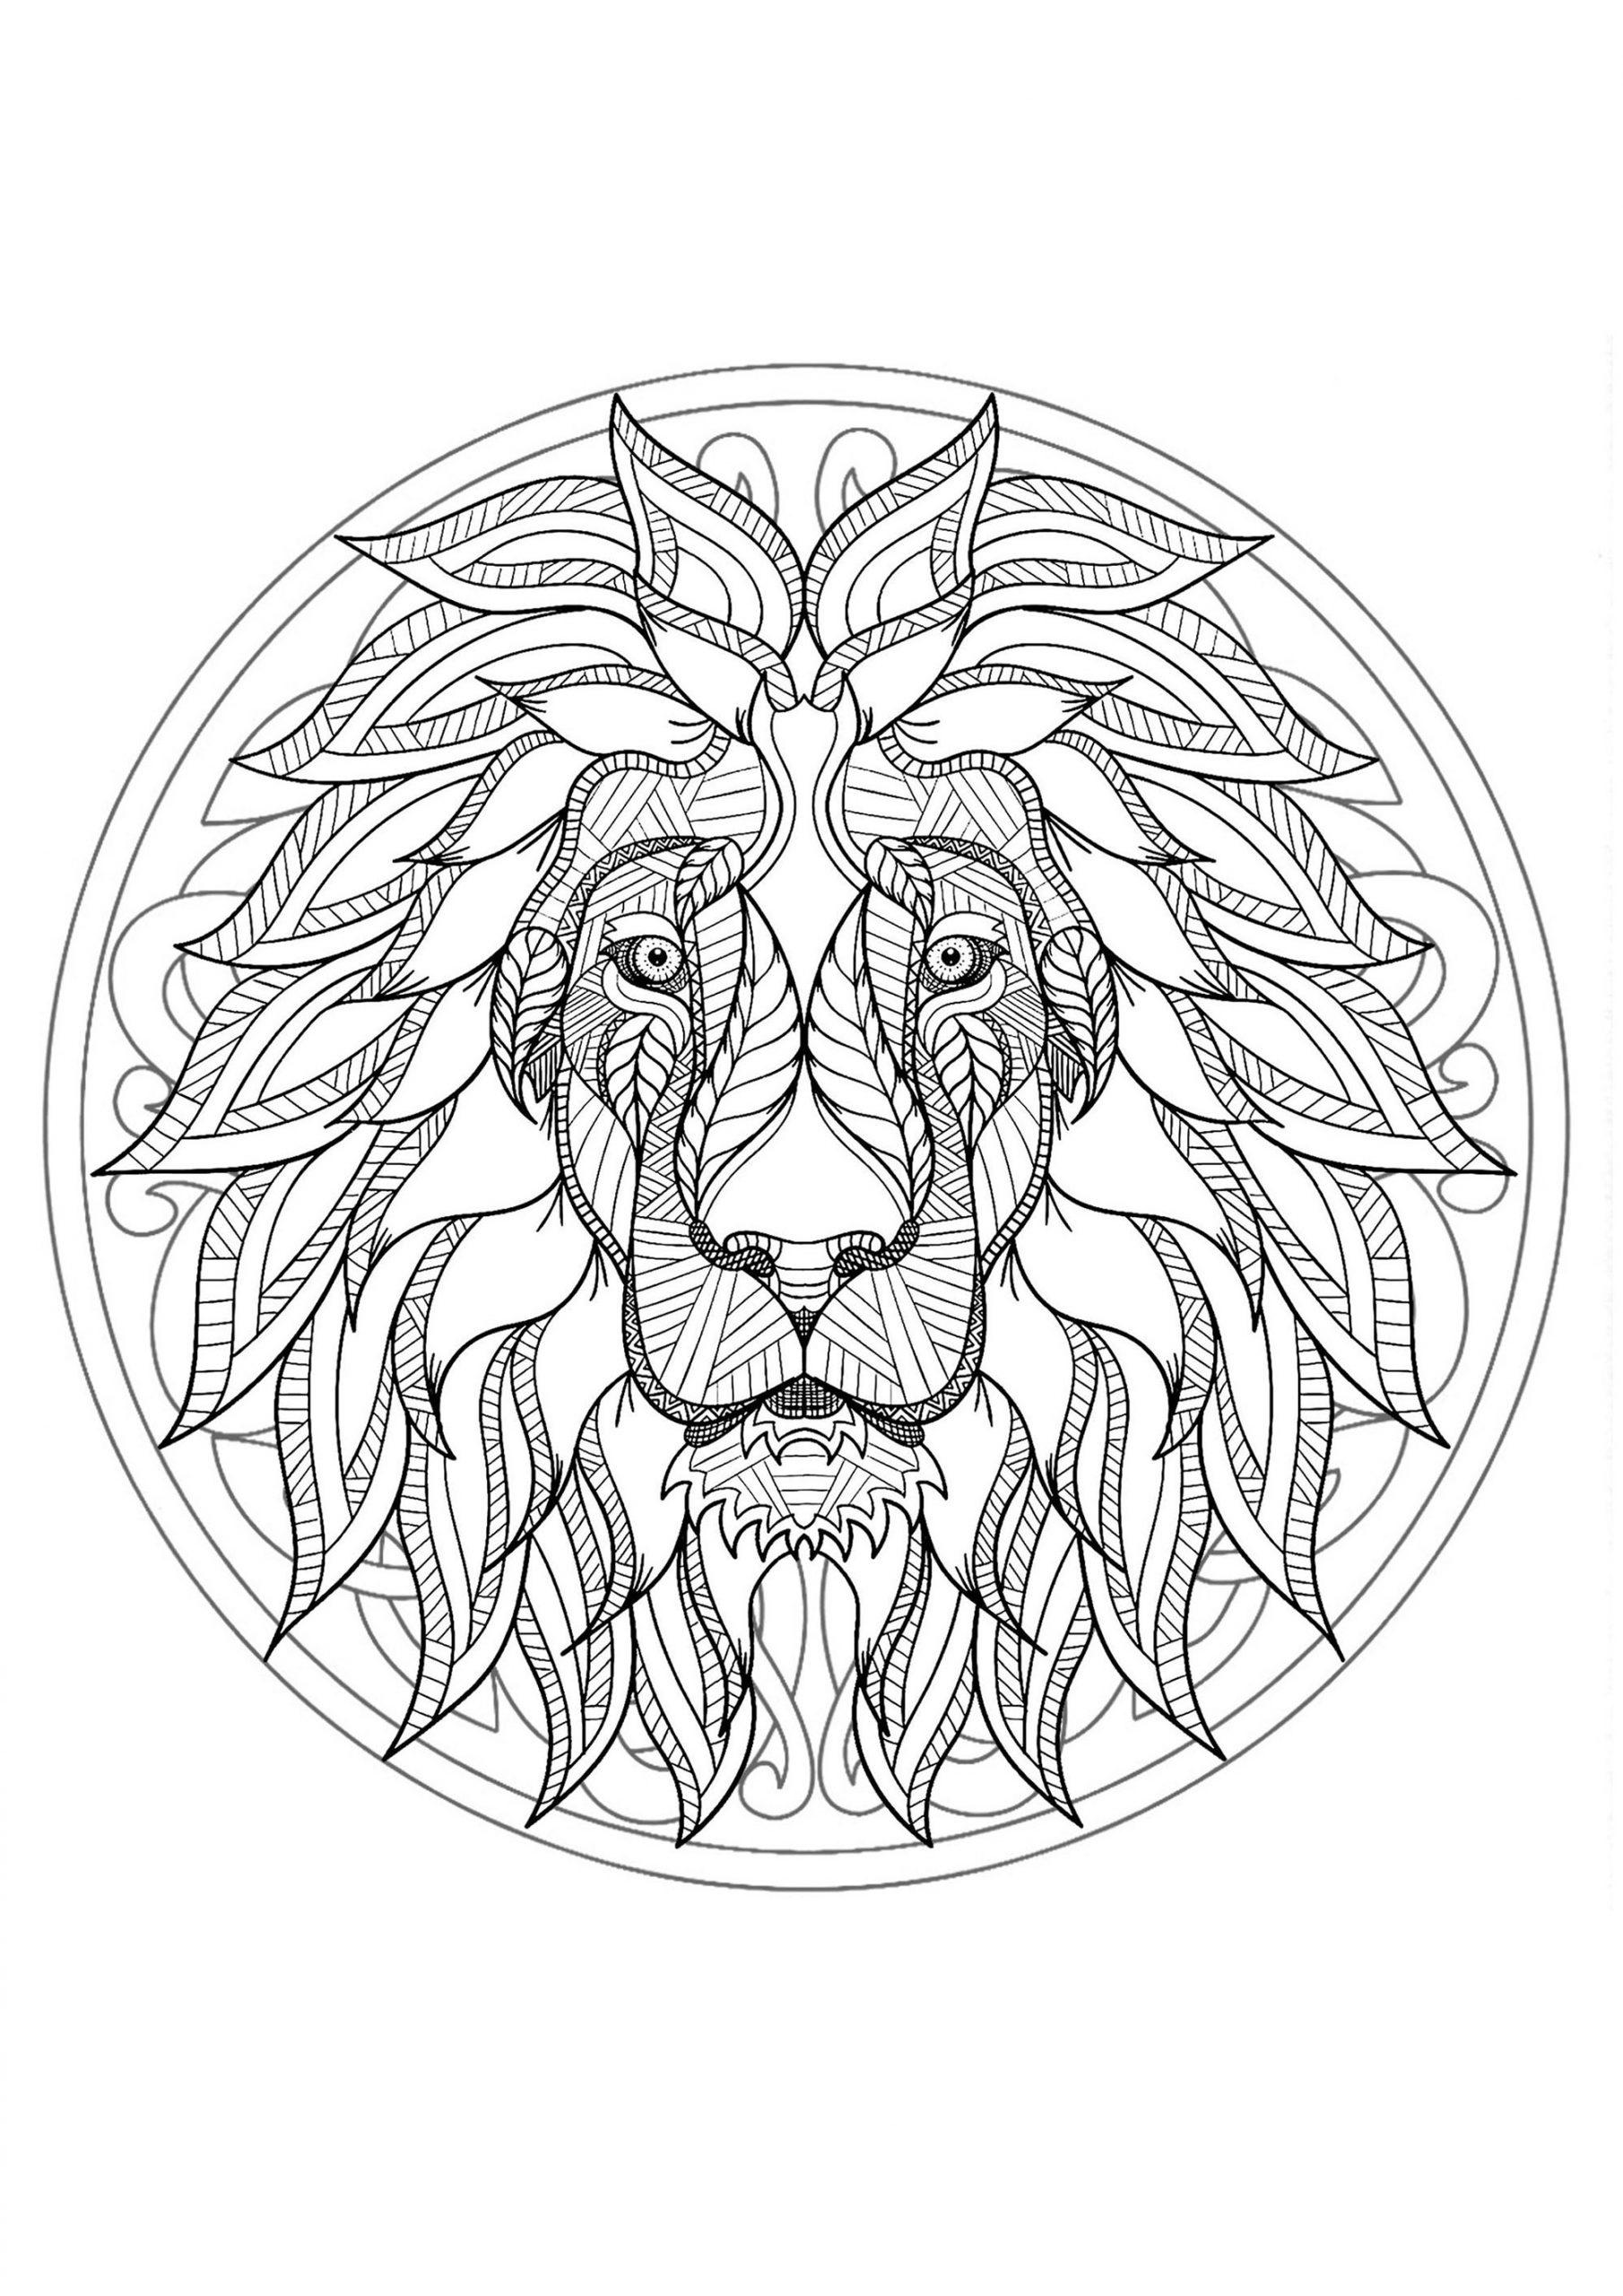 Mandala Gratuit Tete Lion - Coloriage Mandalas - Coloriages avec Mandala À Colorier Et À Imprimer Gratuit